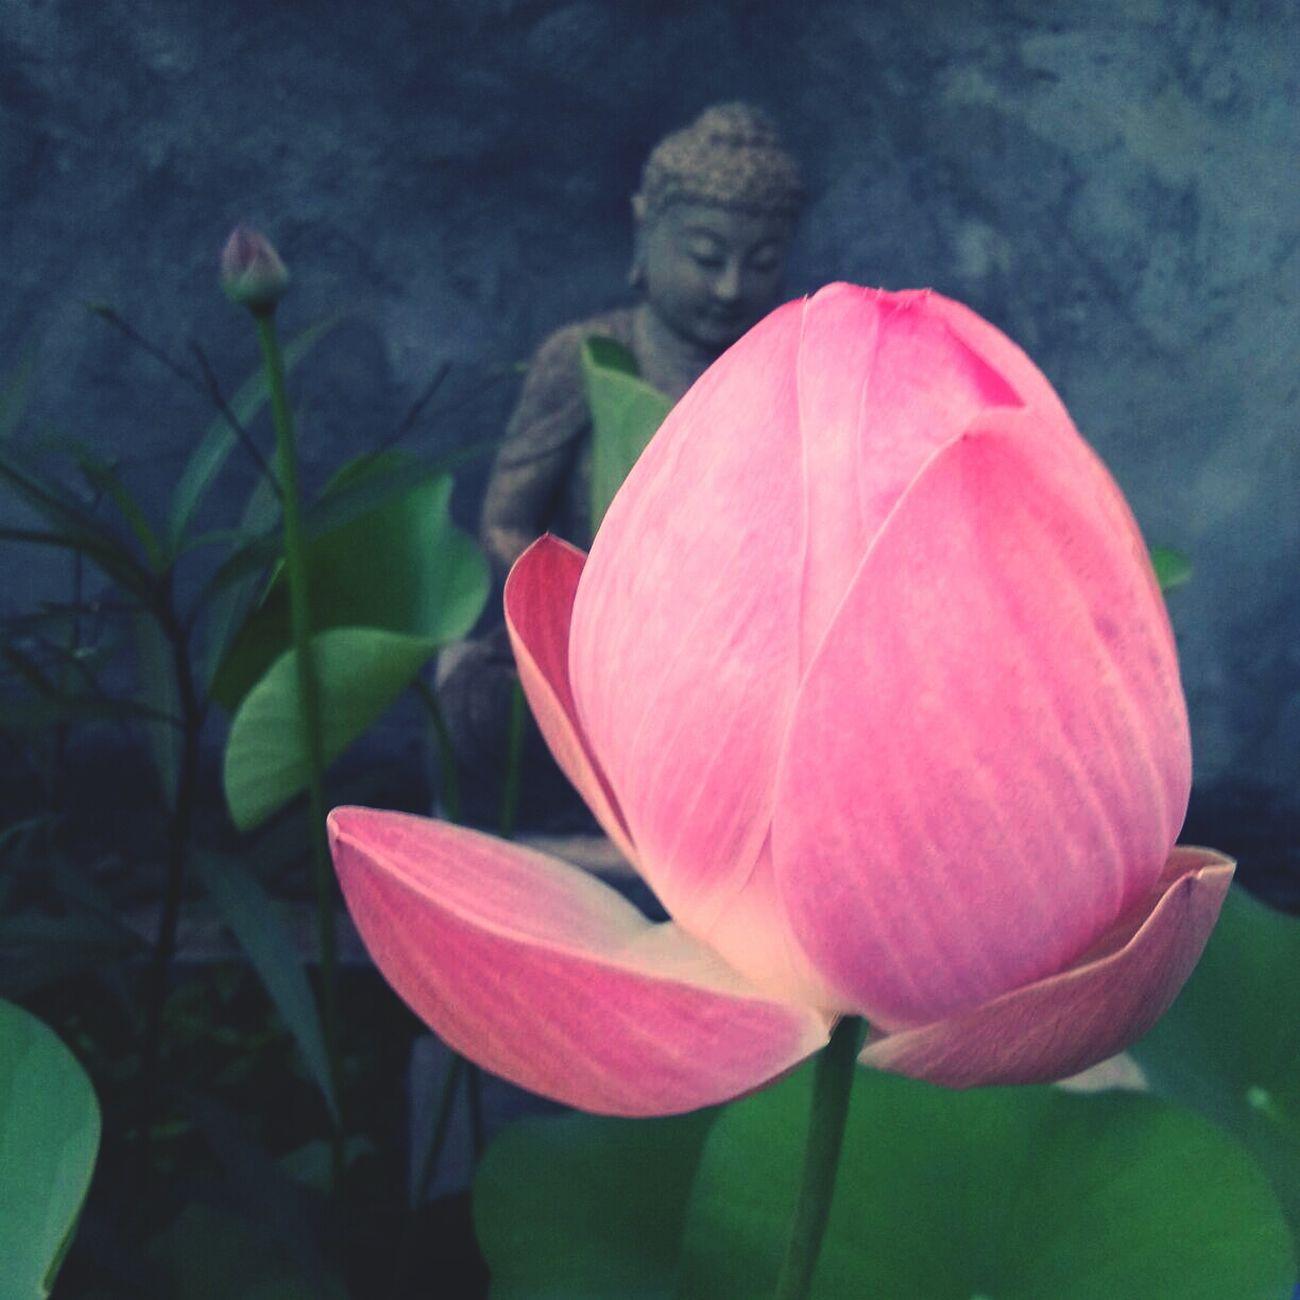 lokah samastha sukhino bhavantu Flower Lotus Bali Buddha